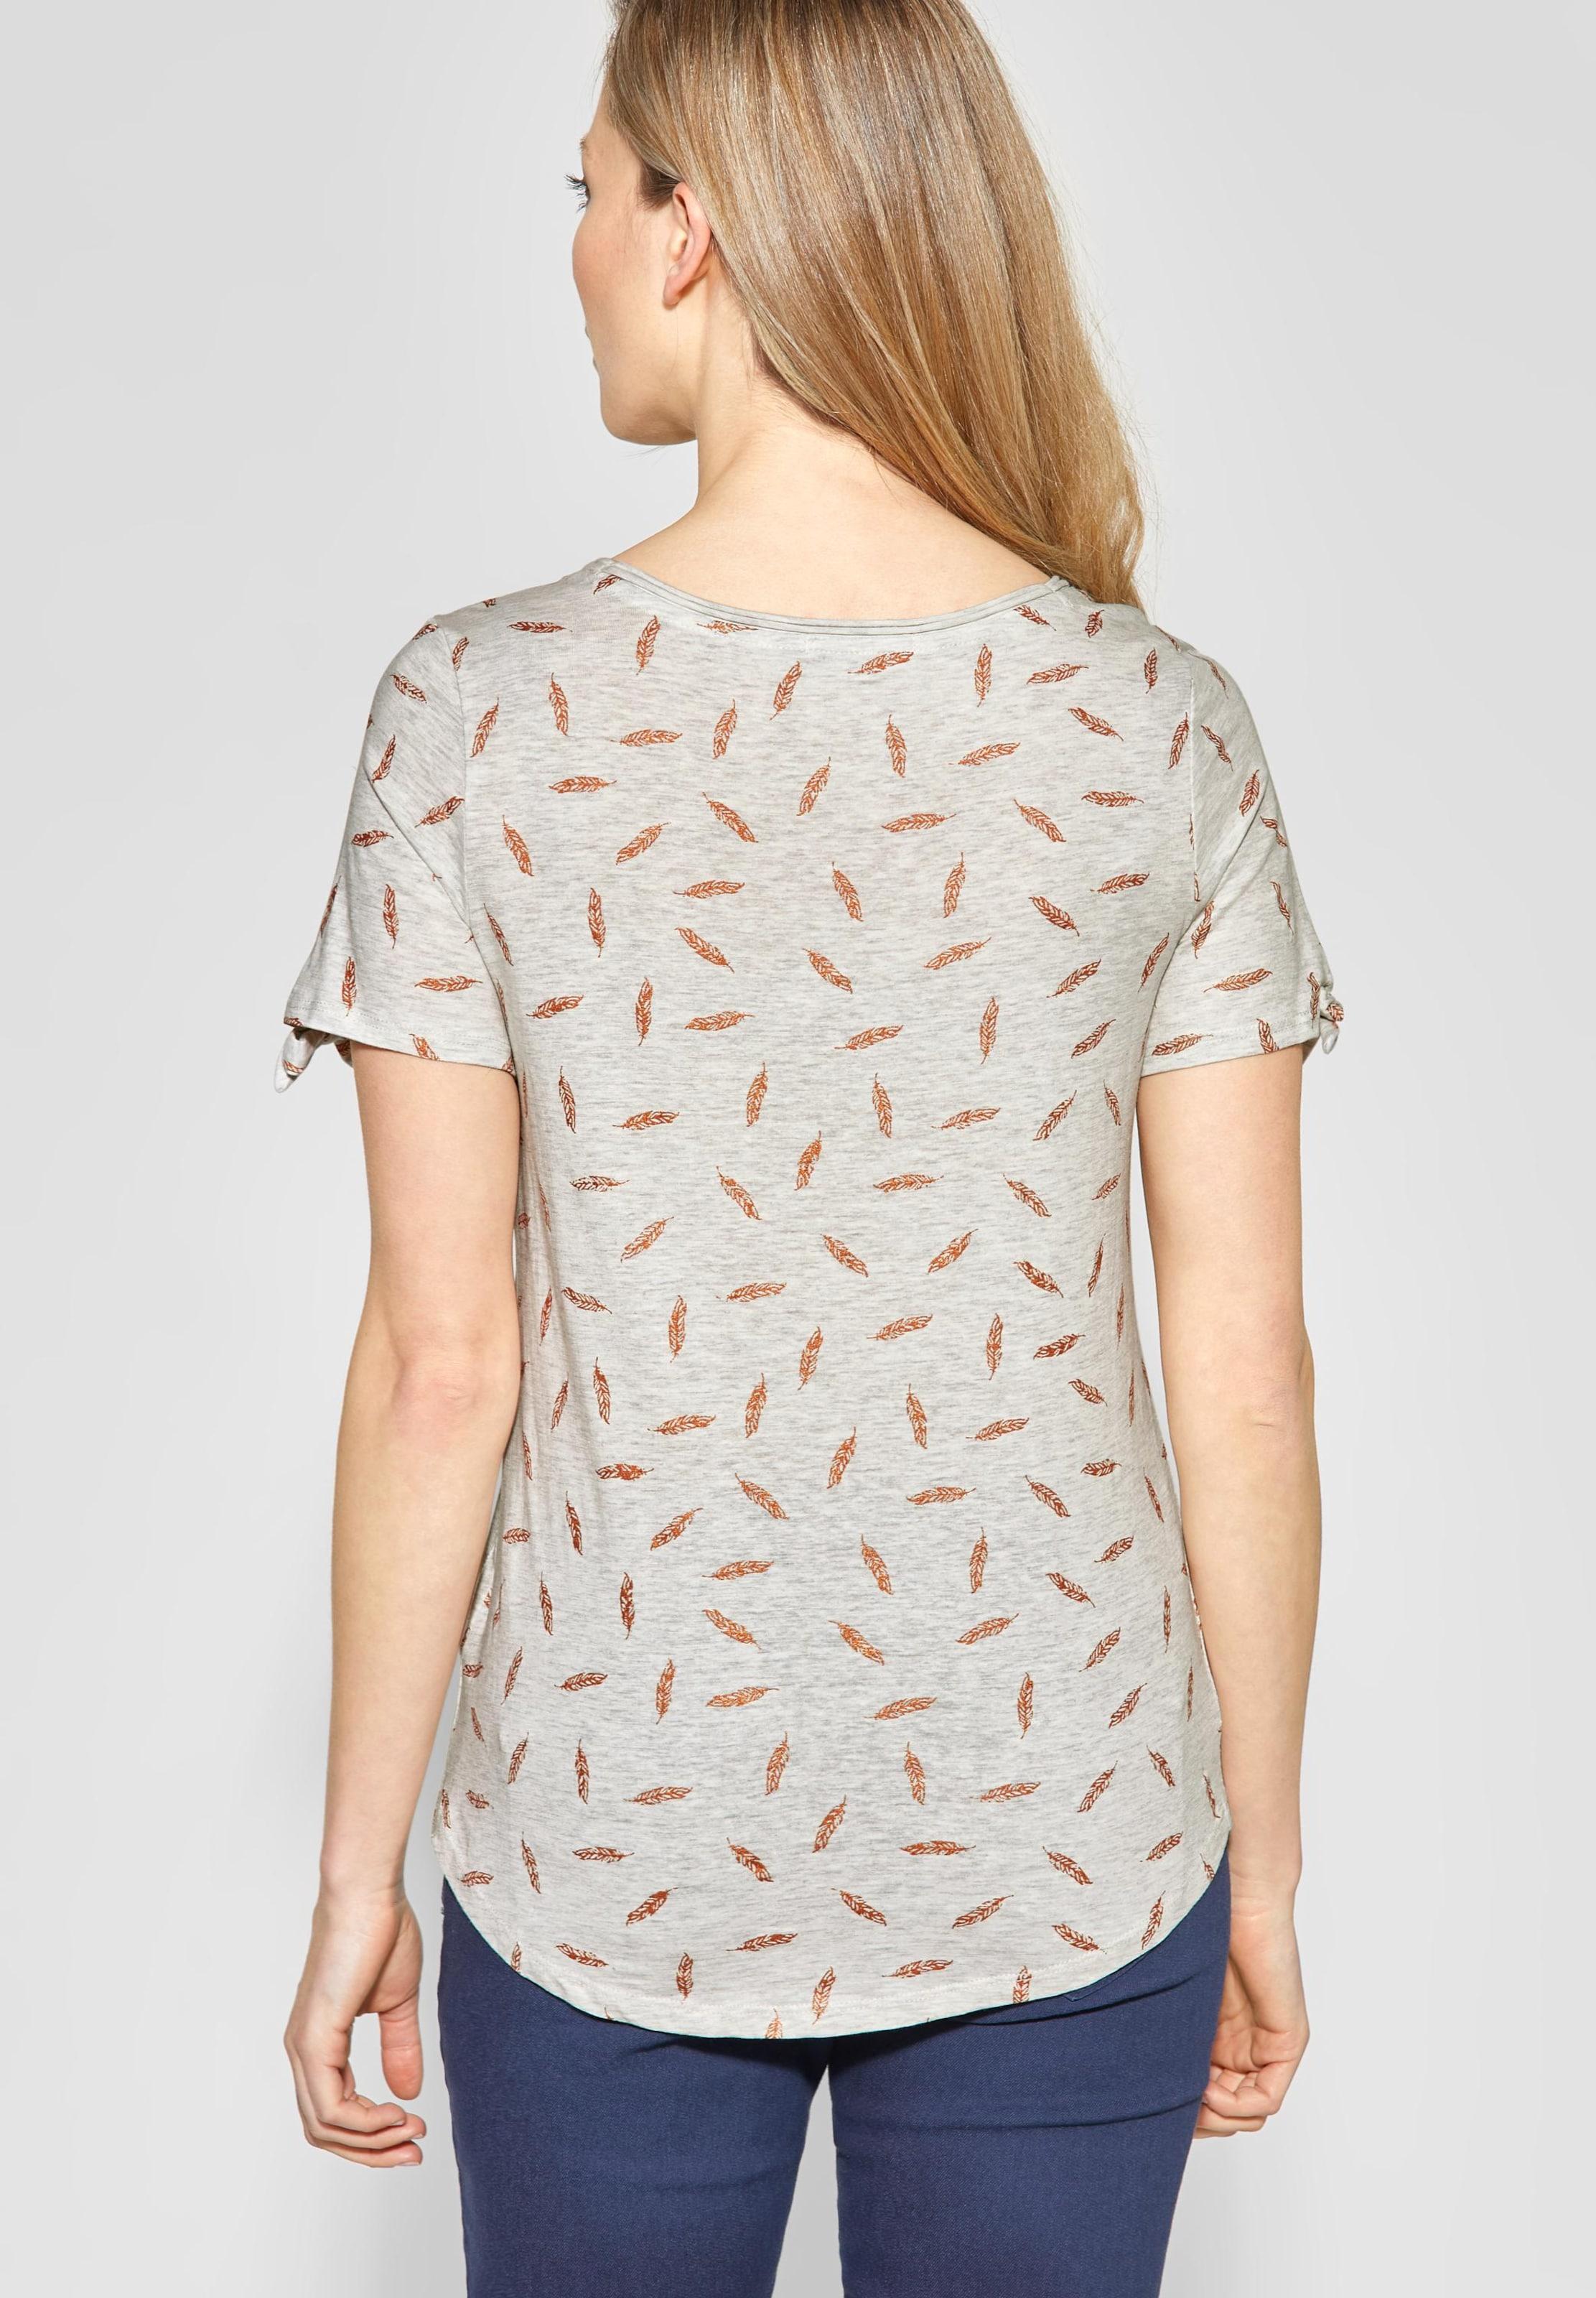 Cecil Shirt BronzeHellgrau Shirt In Cecil Cecil Shirt In BronzeHellgrau In XZiOkPu